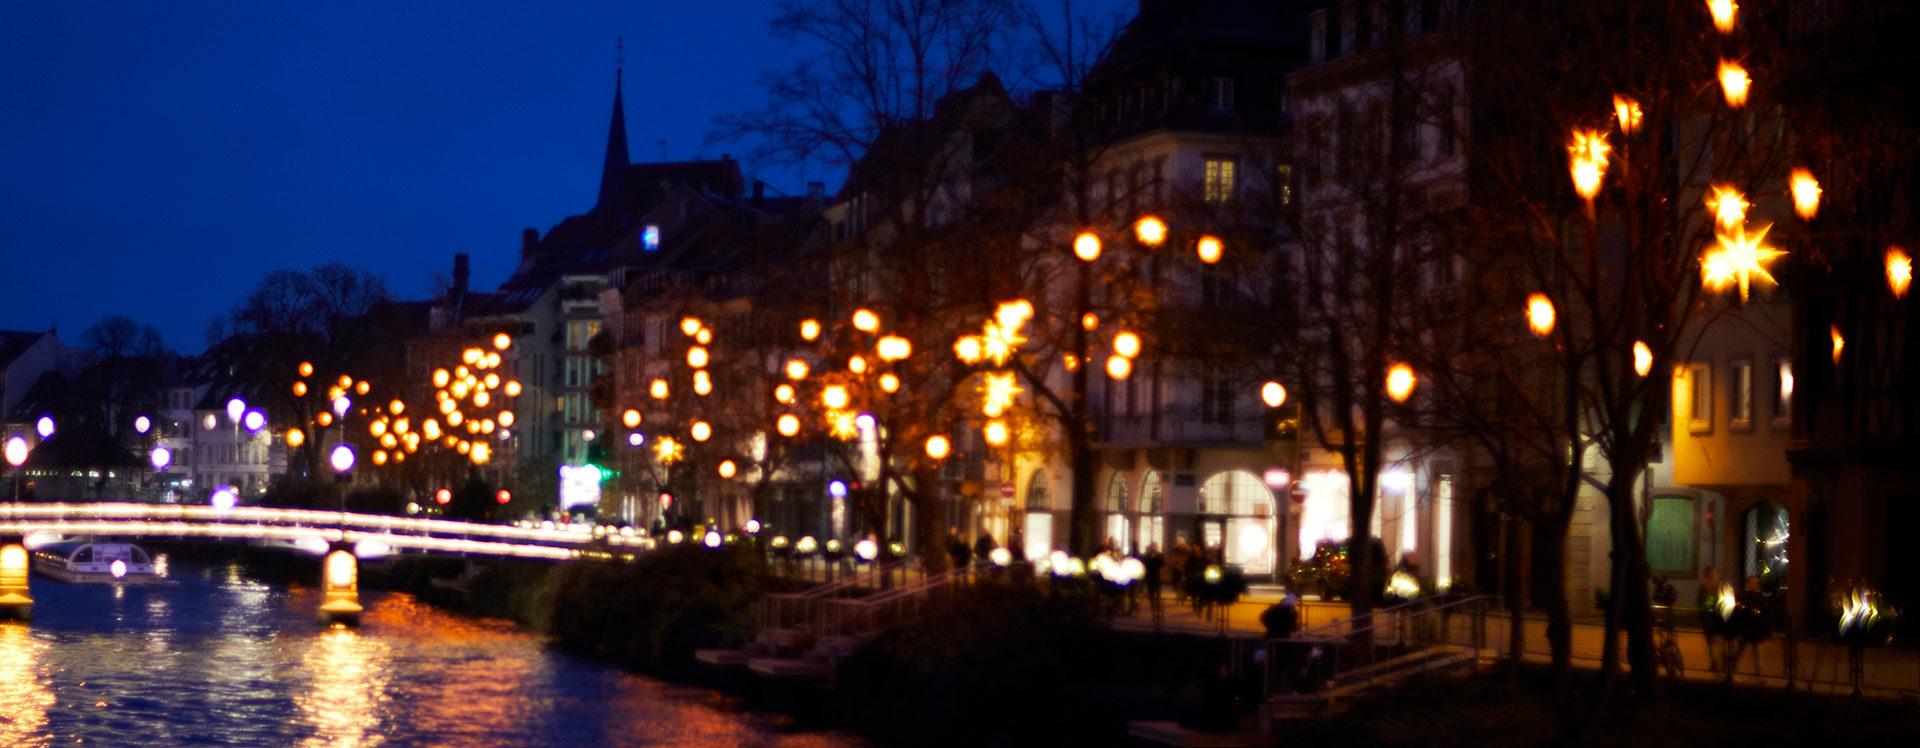 Quai des Batelier à Strasbourg - ©Alexis Delon/ Preview